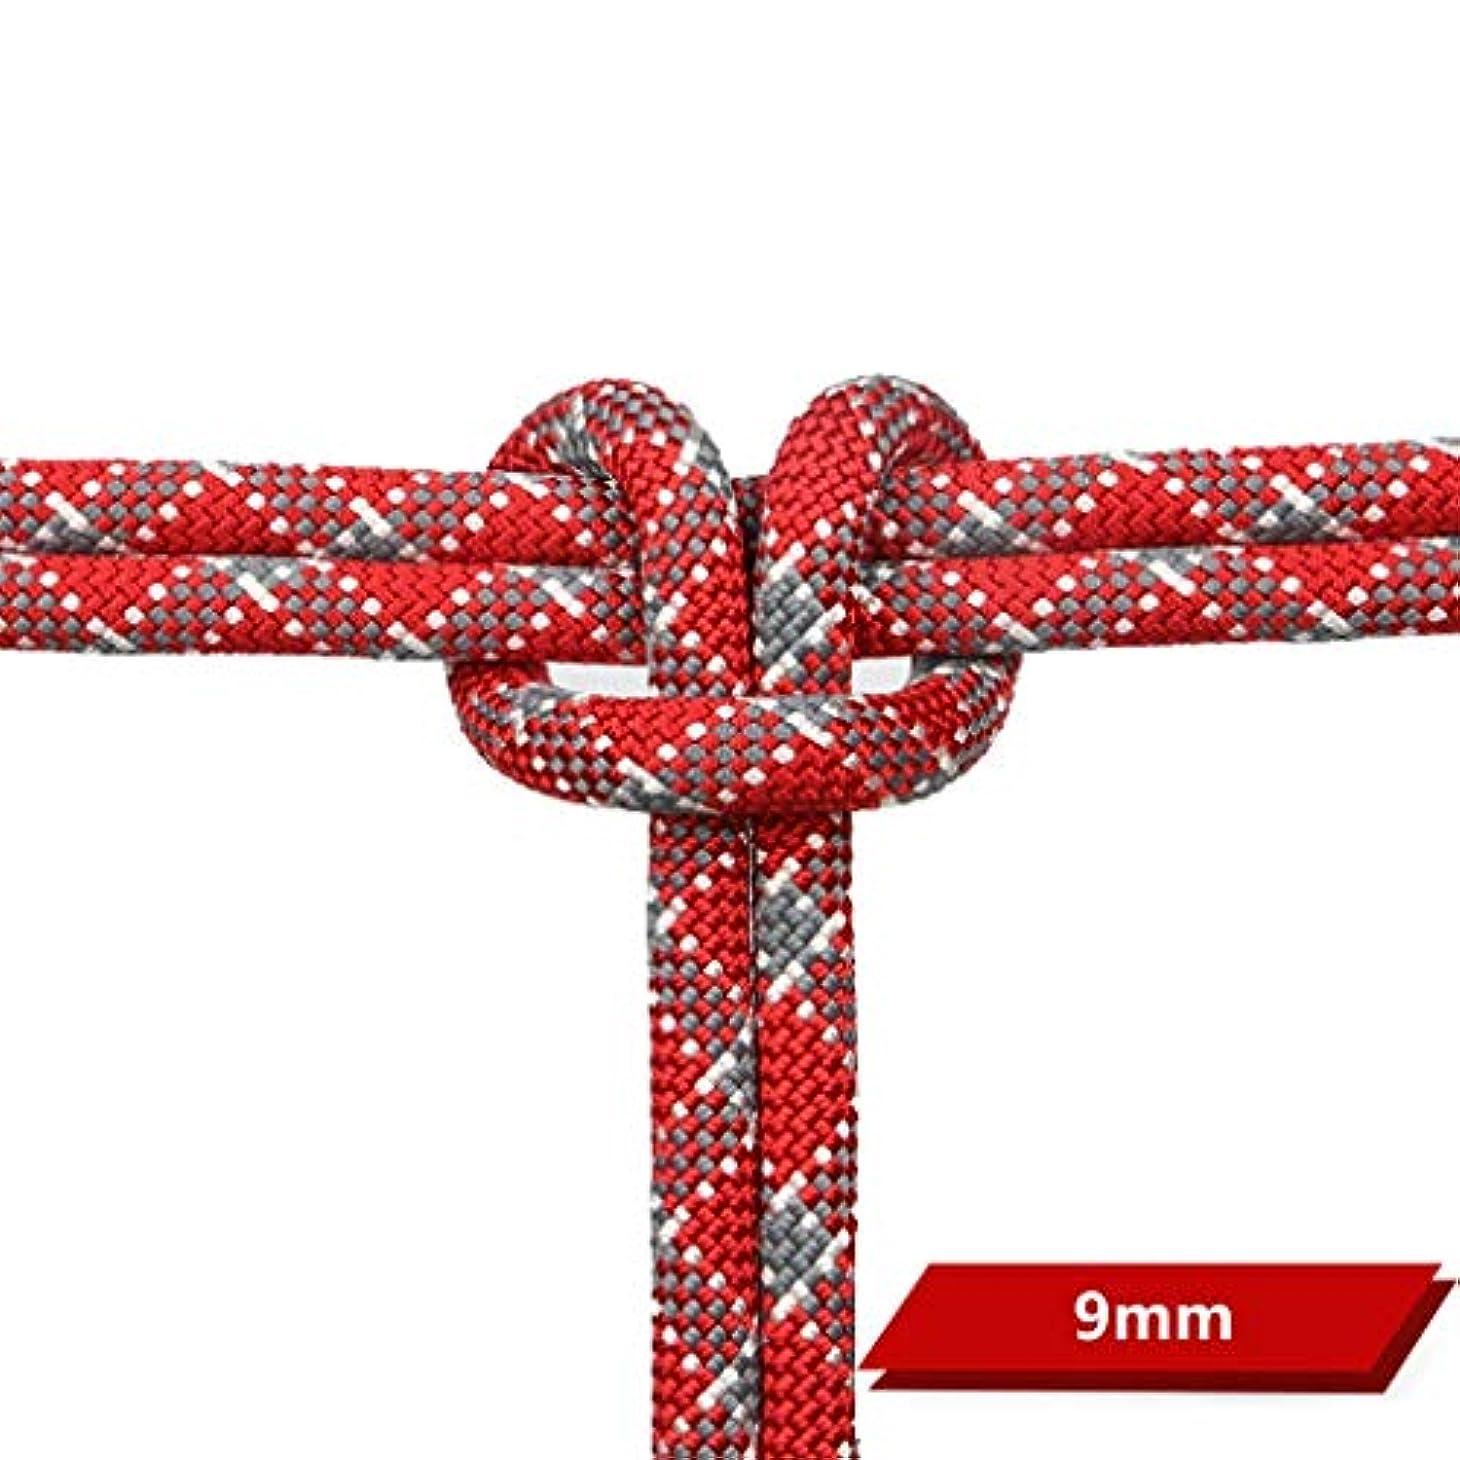 年金受給者休眠嘆願クライミングハーネス 直径9mmのデュポンワイヤー静的ロープ、多色の任意屋外の上昇のロープ (色 : 赤, サイズ さいず : 9mm-40m)